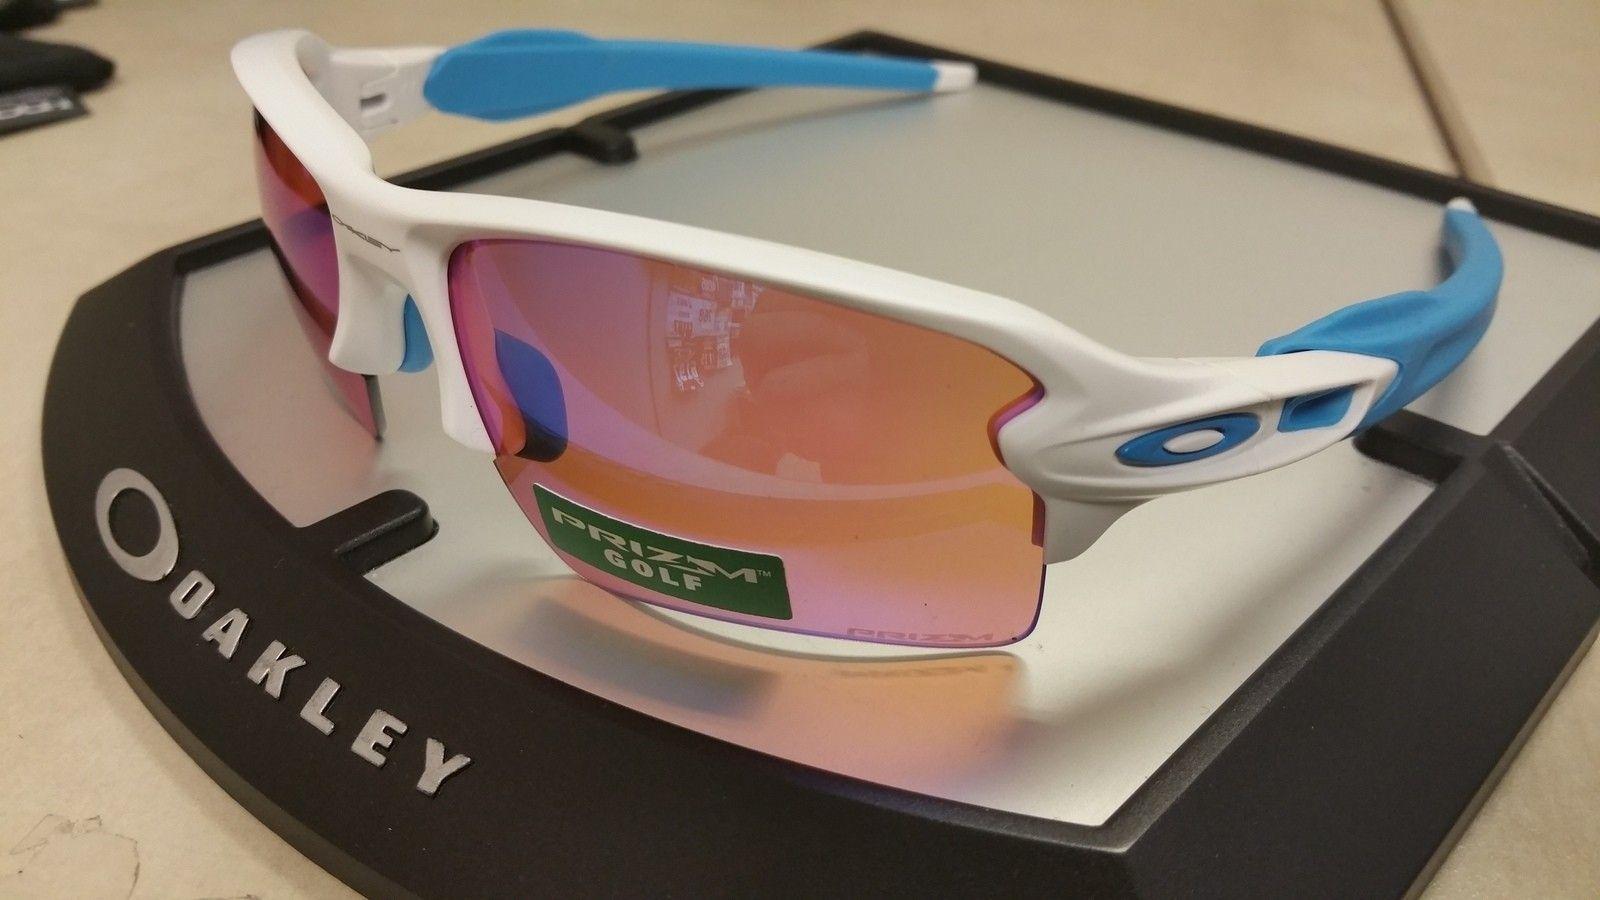 A few Prizm flak jacket 2.0 glasses for sale. - uploadfromtaptalk1438097075775.jpg